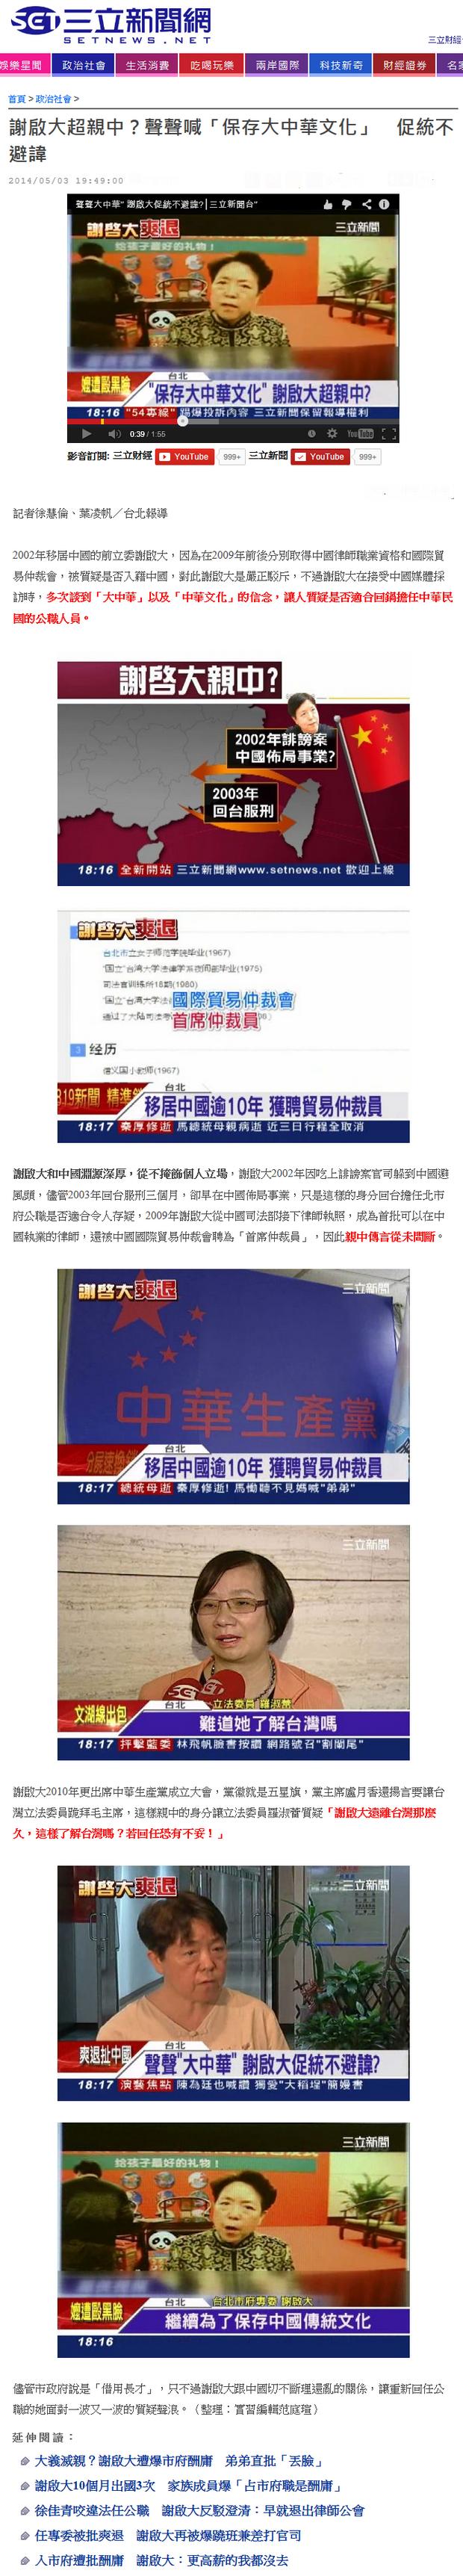 謝啟大超親中?聲聲喊「保存大中華文化」 促統不避諱-2014.05.03.png